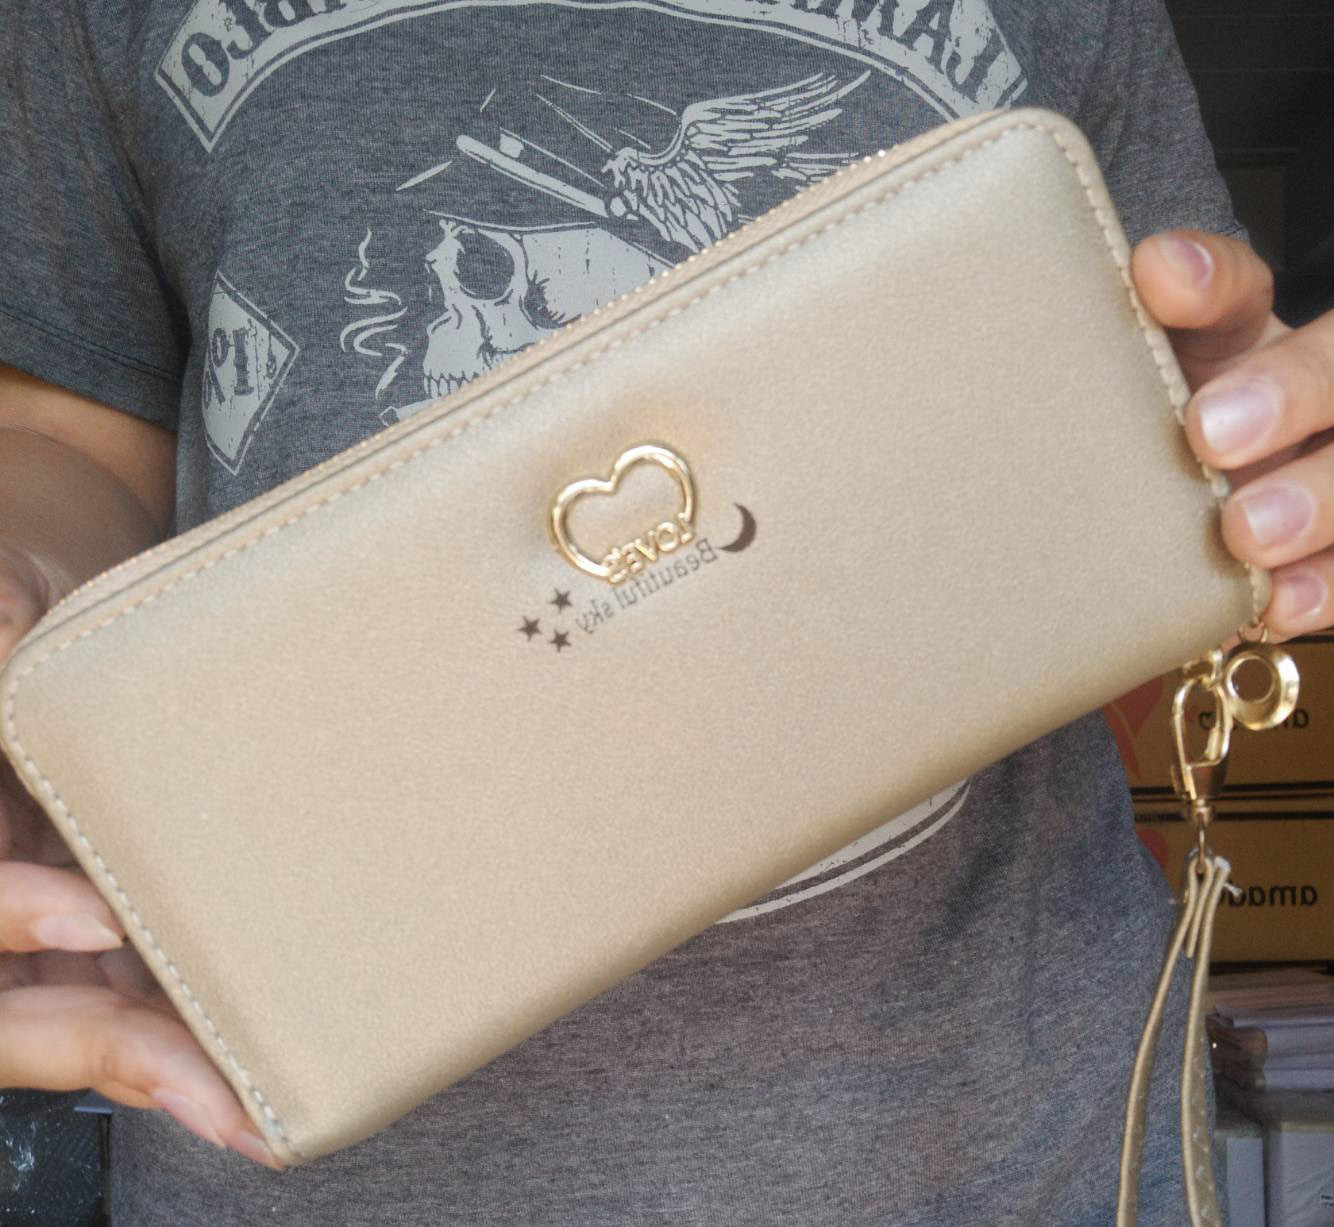 กระเป๋าสตางค์ใบยาวซิปรอบสีทอง Beautiful sky